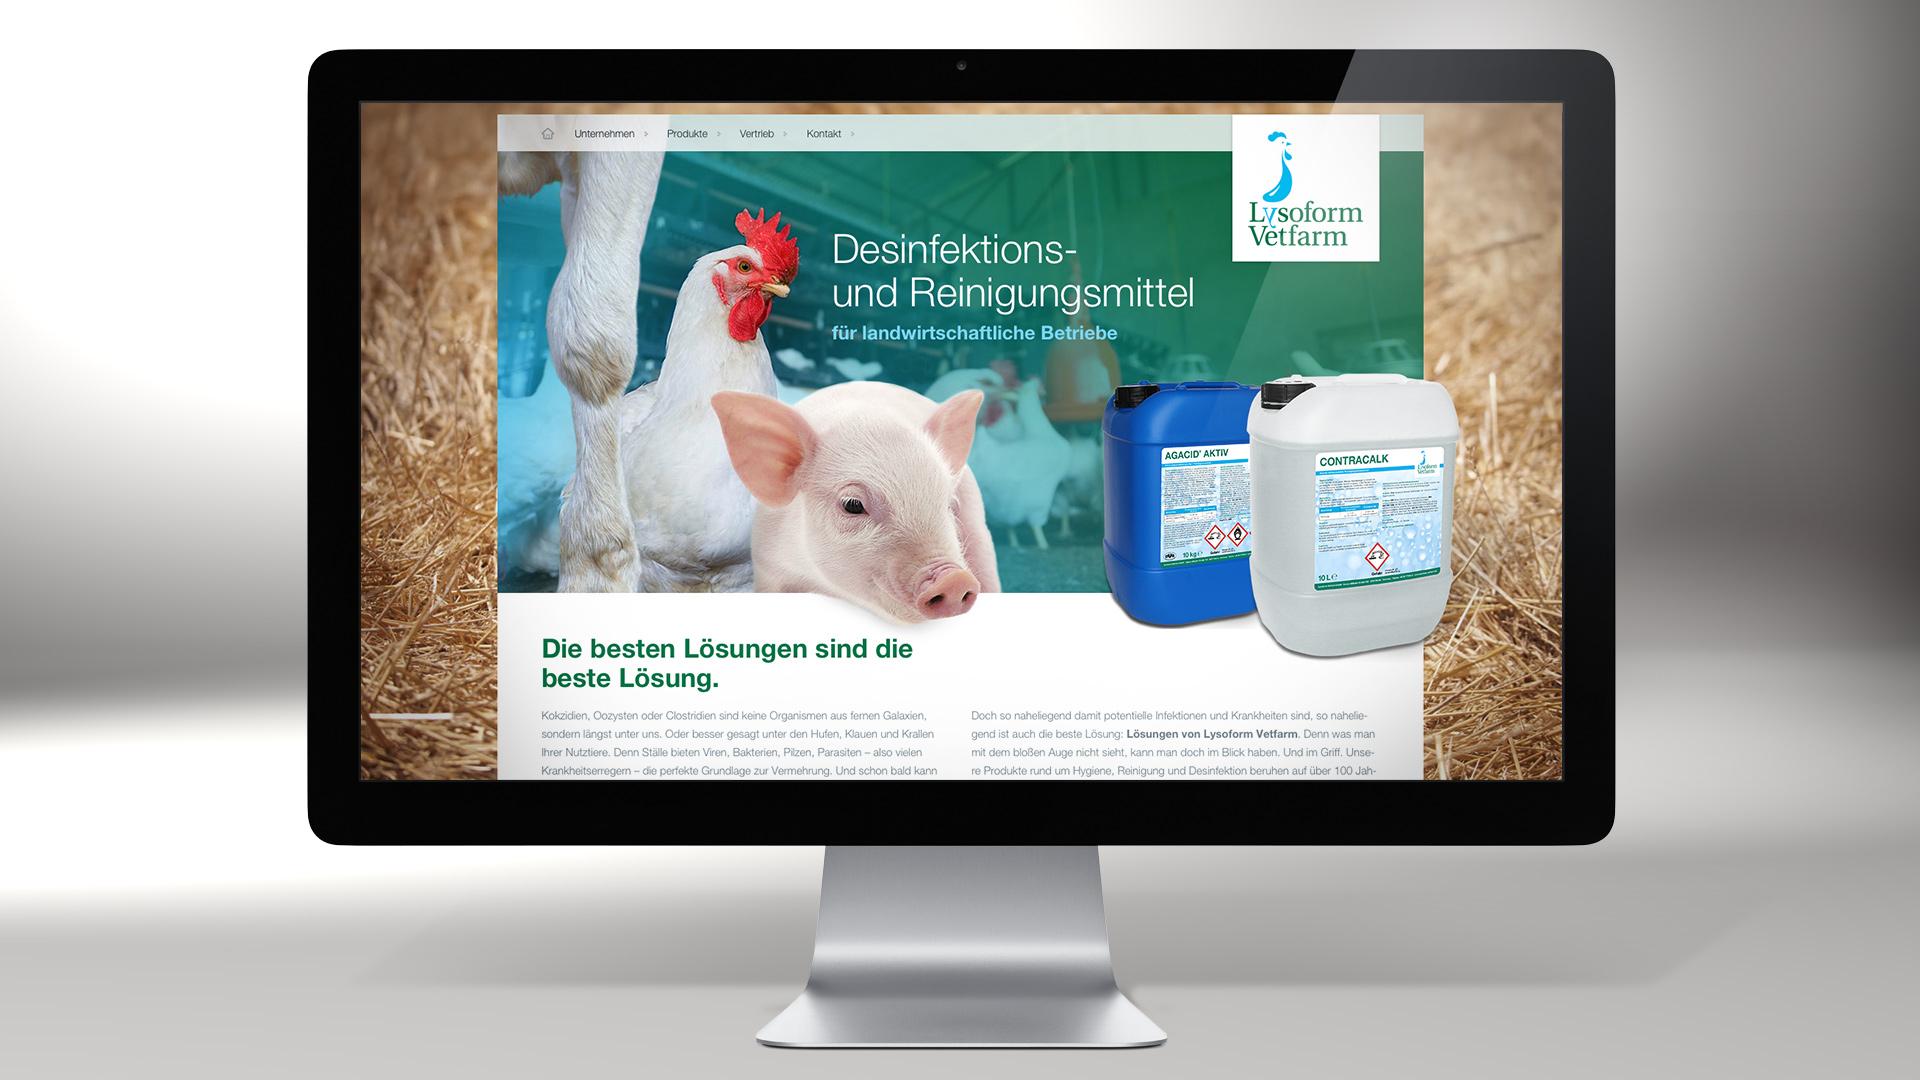 lysoform vetfarm website 1 02 - Eine neue Marke auf starke Füße gestellt – Corporate Design, Logoentwicklung, Grafikdesign, Webdesign, Kommunikationsdesign, Branding, Markenentwicklung